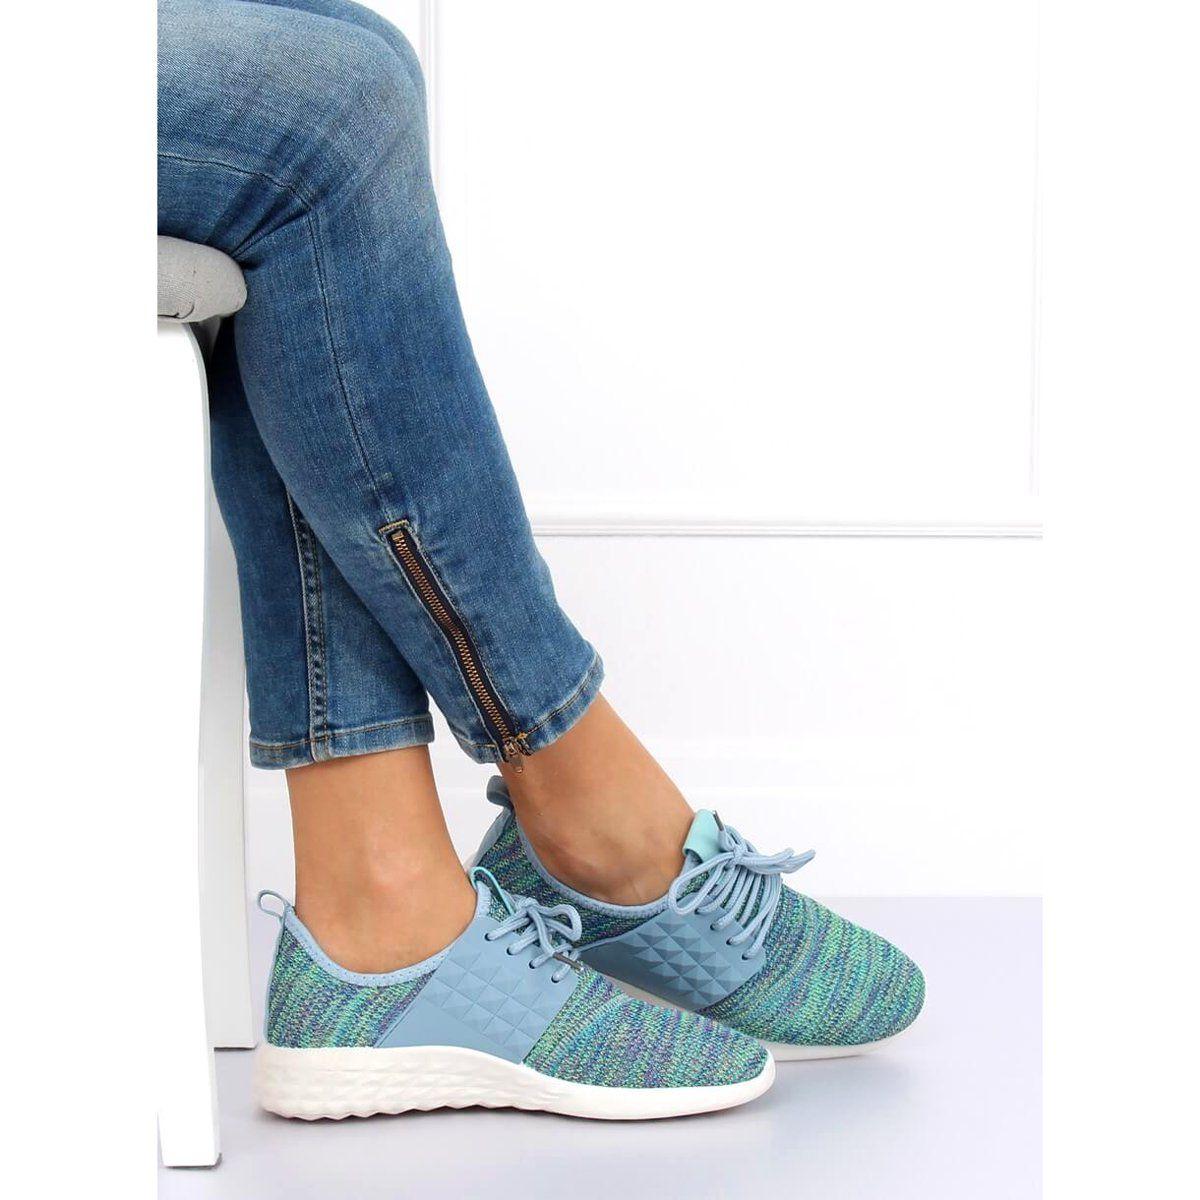 Buty Sportowe Turkusowe Hy2810 Turquoise Niebieskie Wedge Sneaker Shoes Sneakers